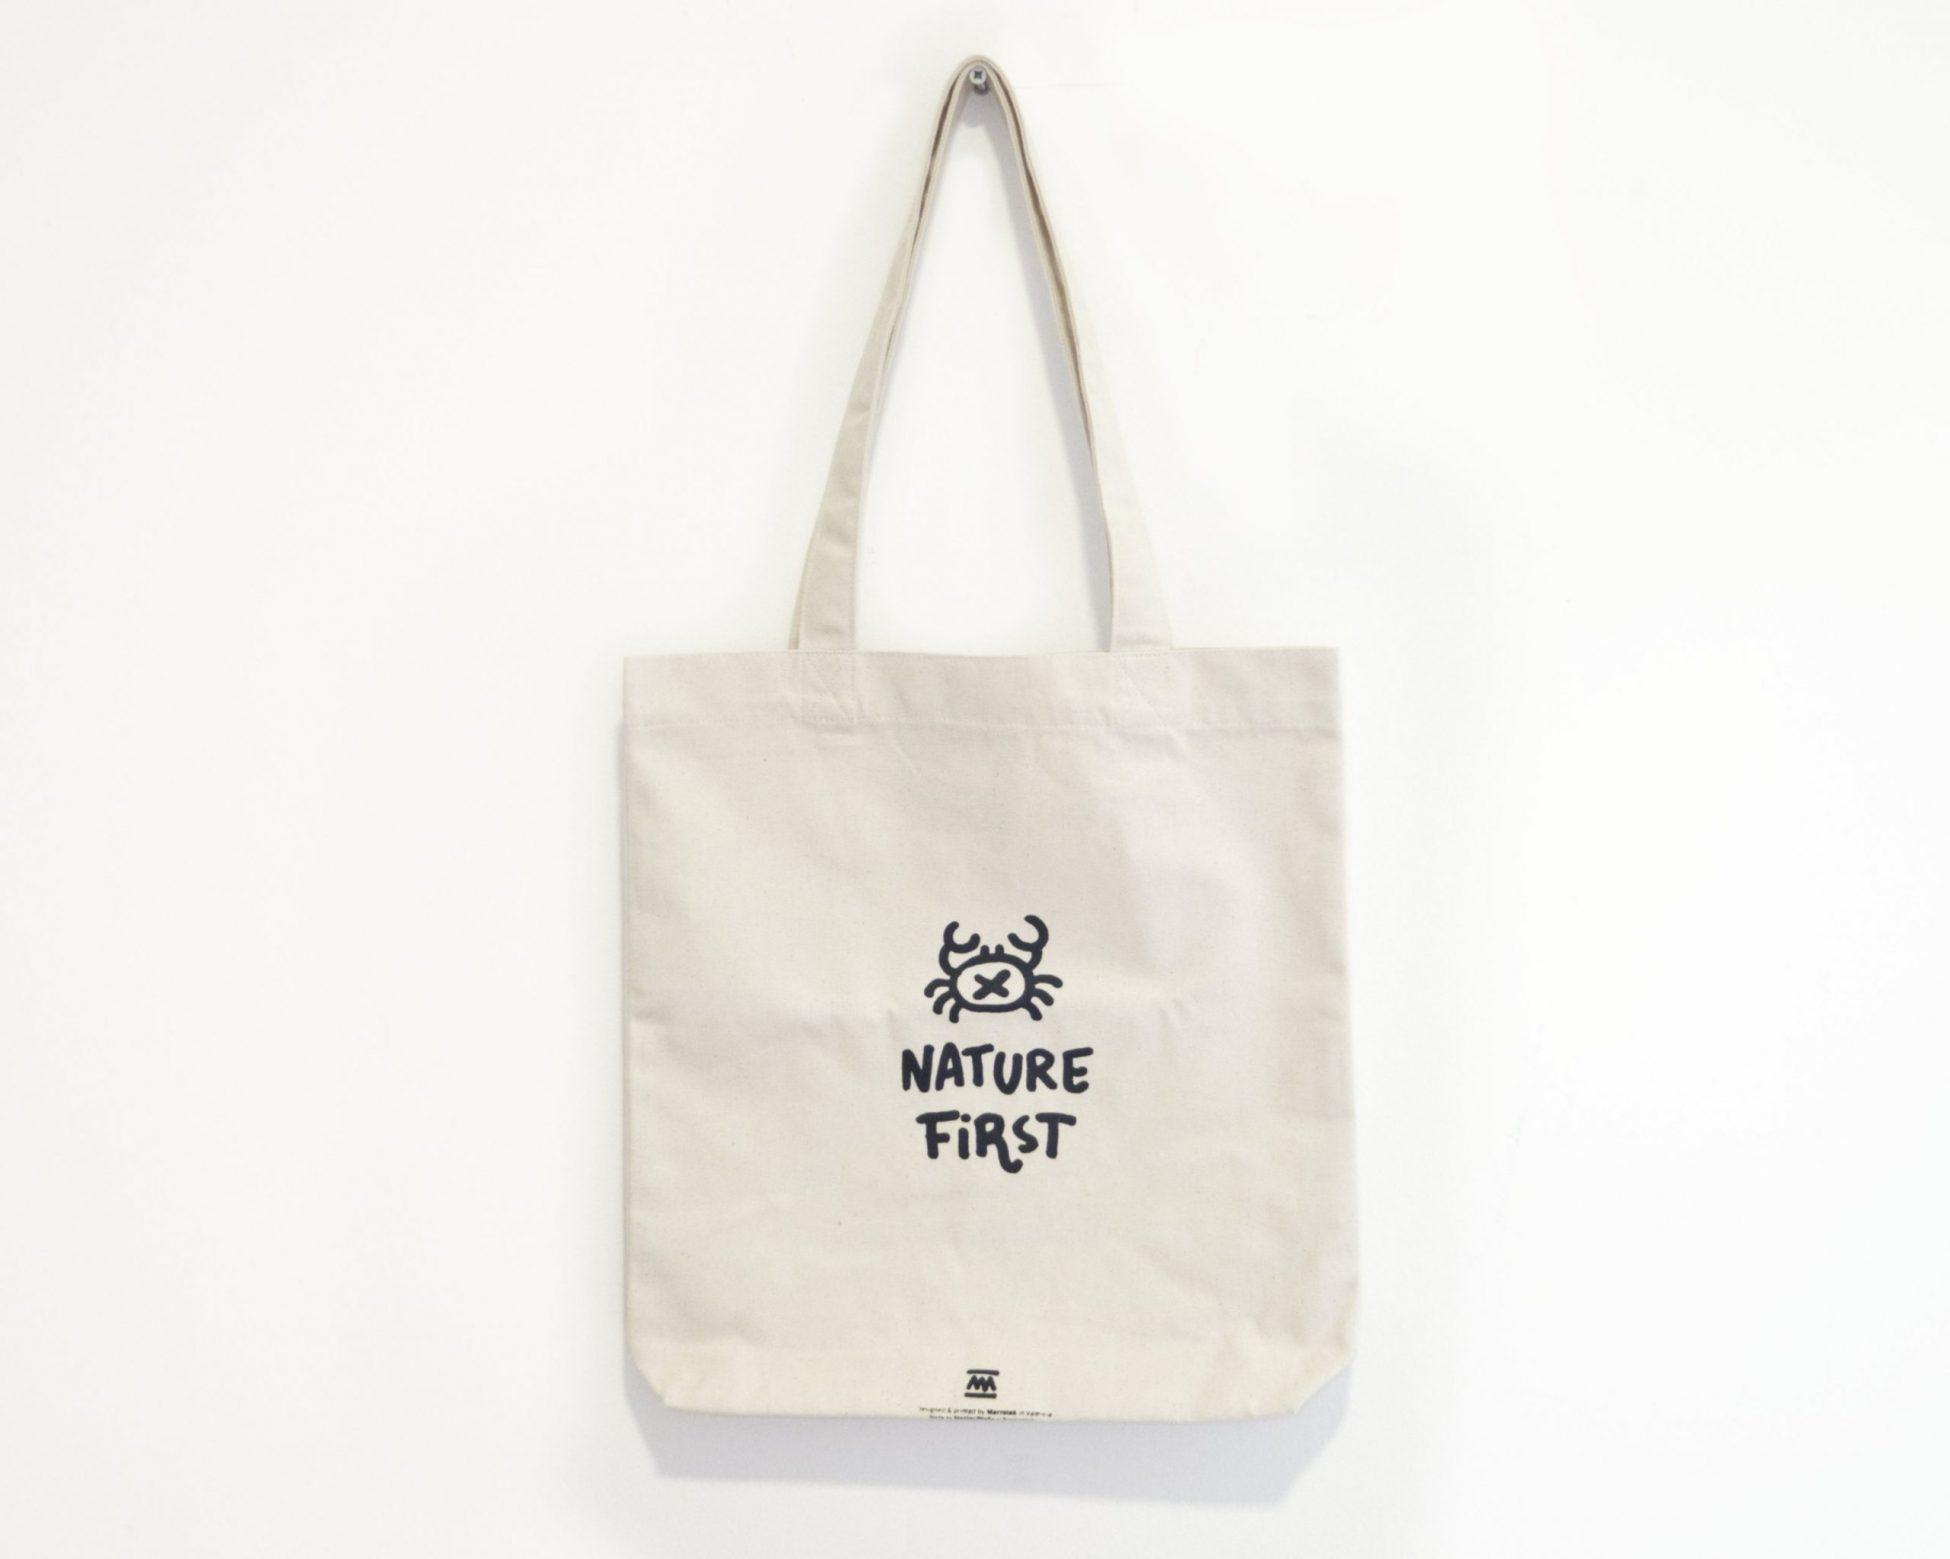 Bolsa de tela Tote Bag blanca natural nature first - ilustración cangrejo - Comercio Justo Algodón orgánico reciclado